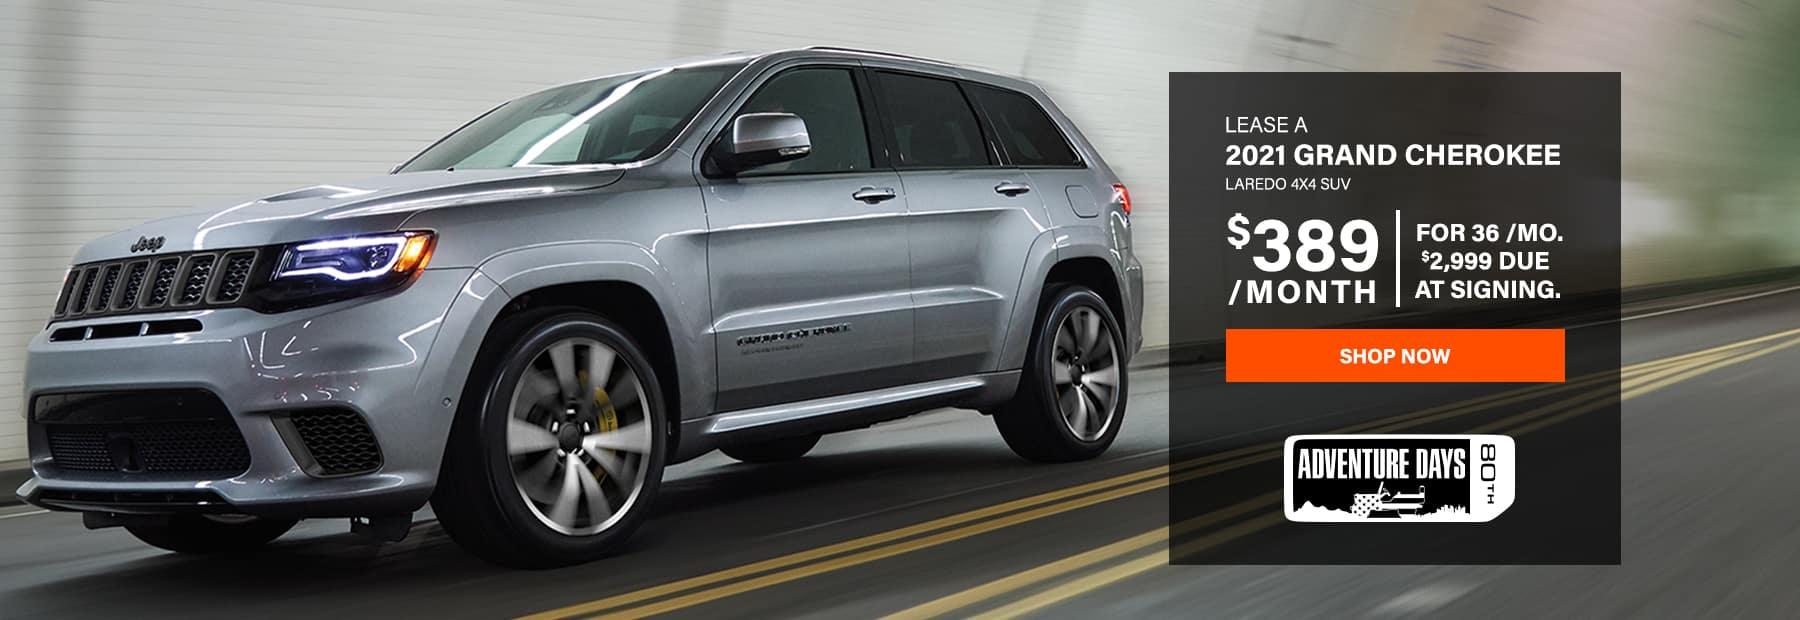 Lease a 2021 Jeep Grand Cherokee Laredo 4x4 SUV